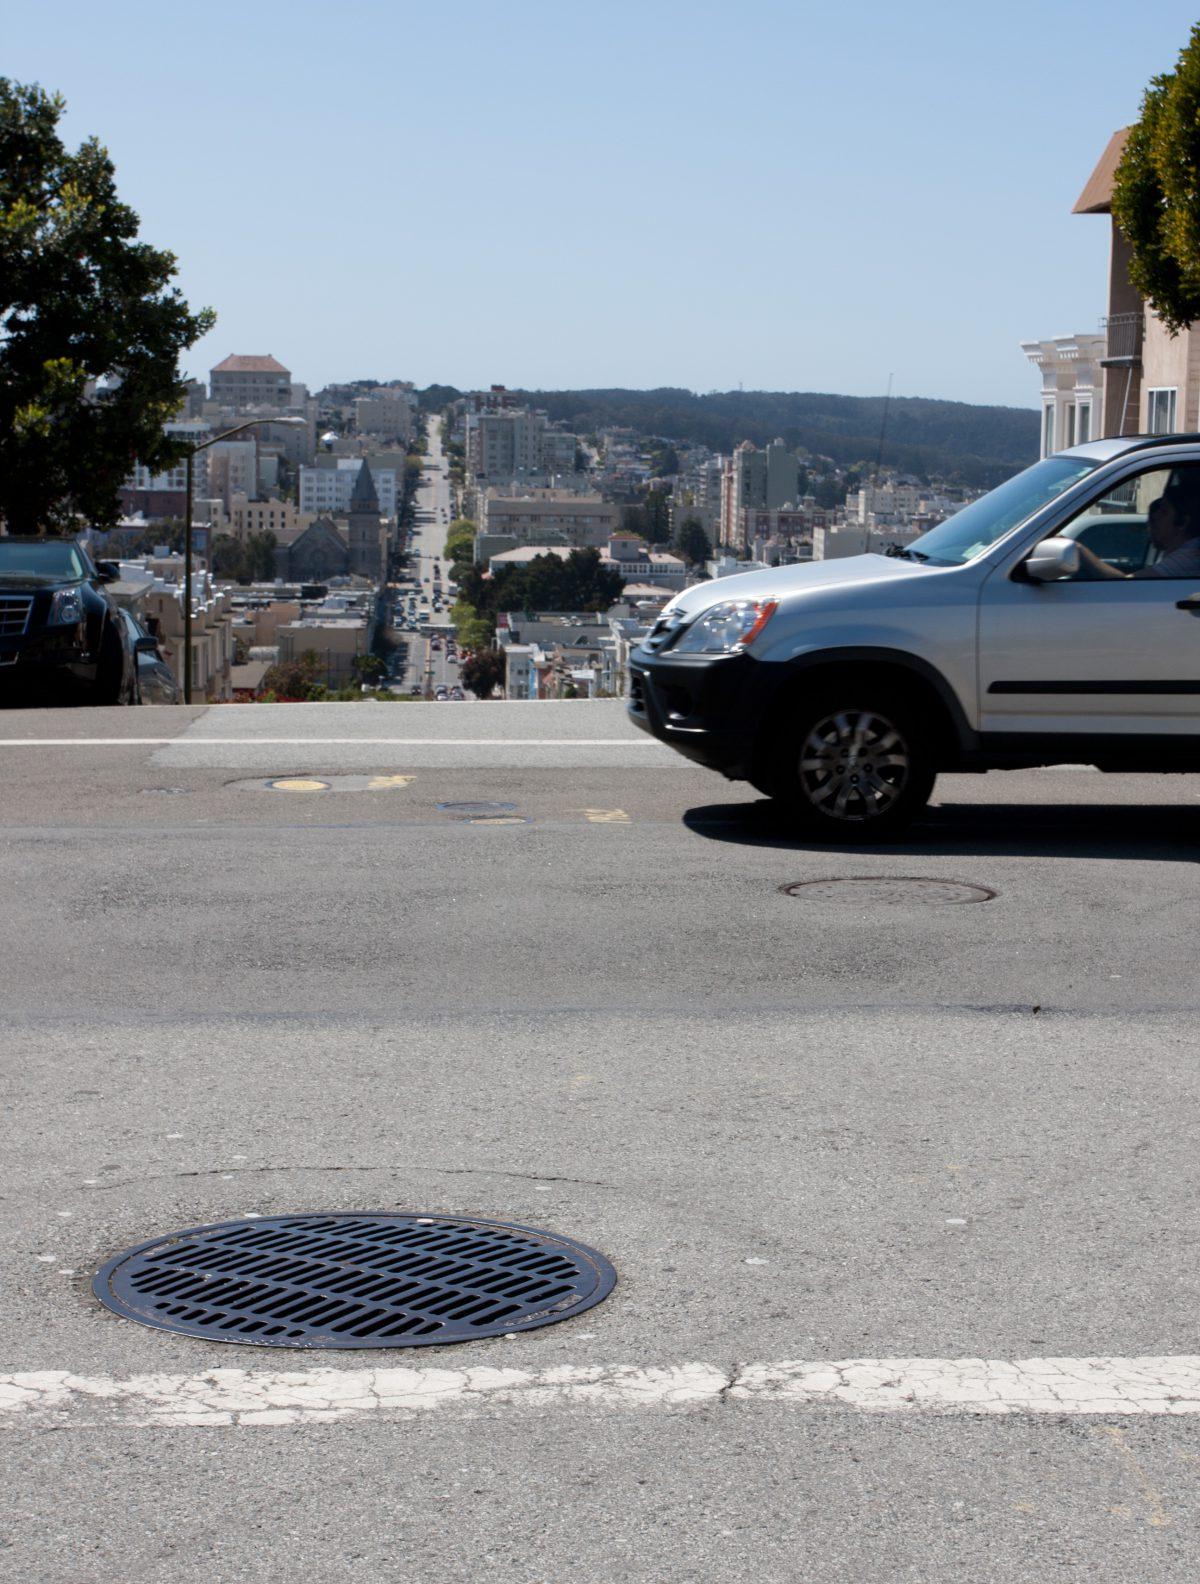 Urban Hills, road, car, hill, city